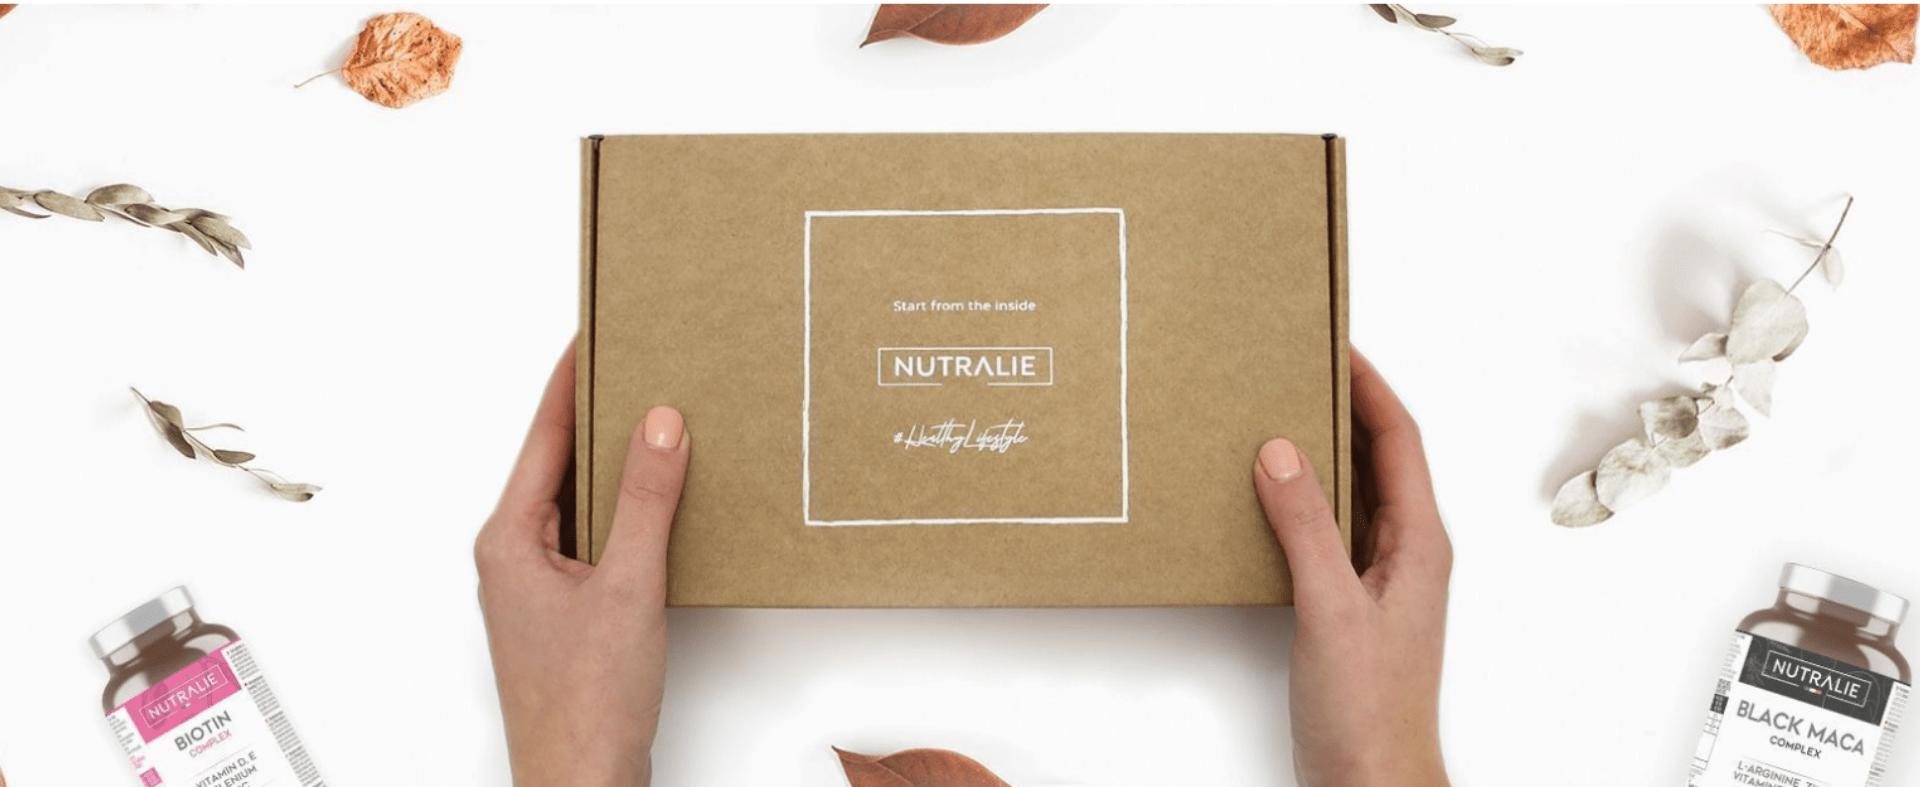 Nutralie confía en Lifting Group e Imagine Creative Ideas para el restyling de la marca